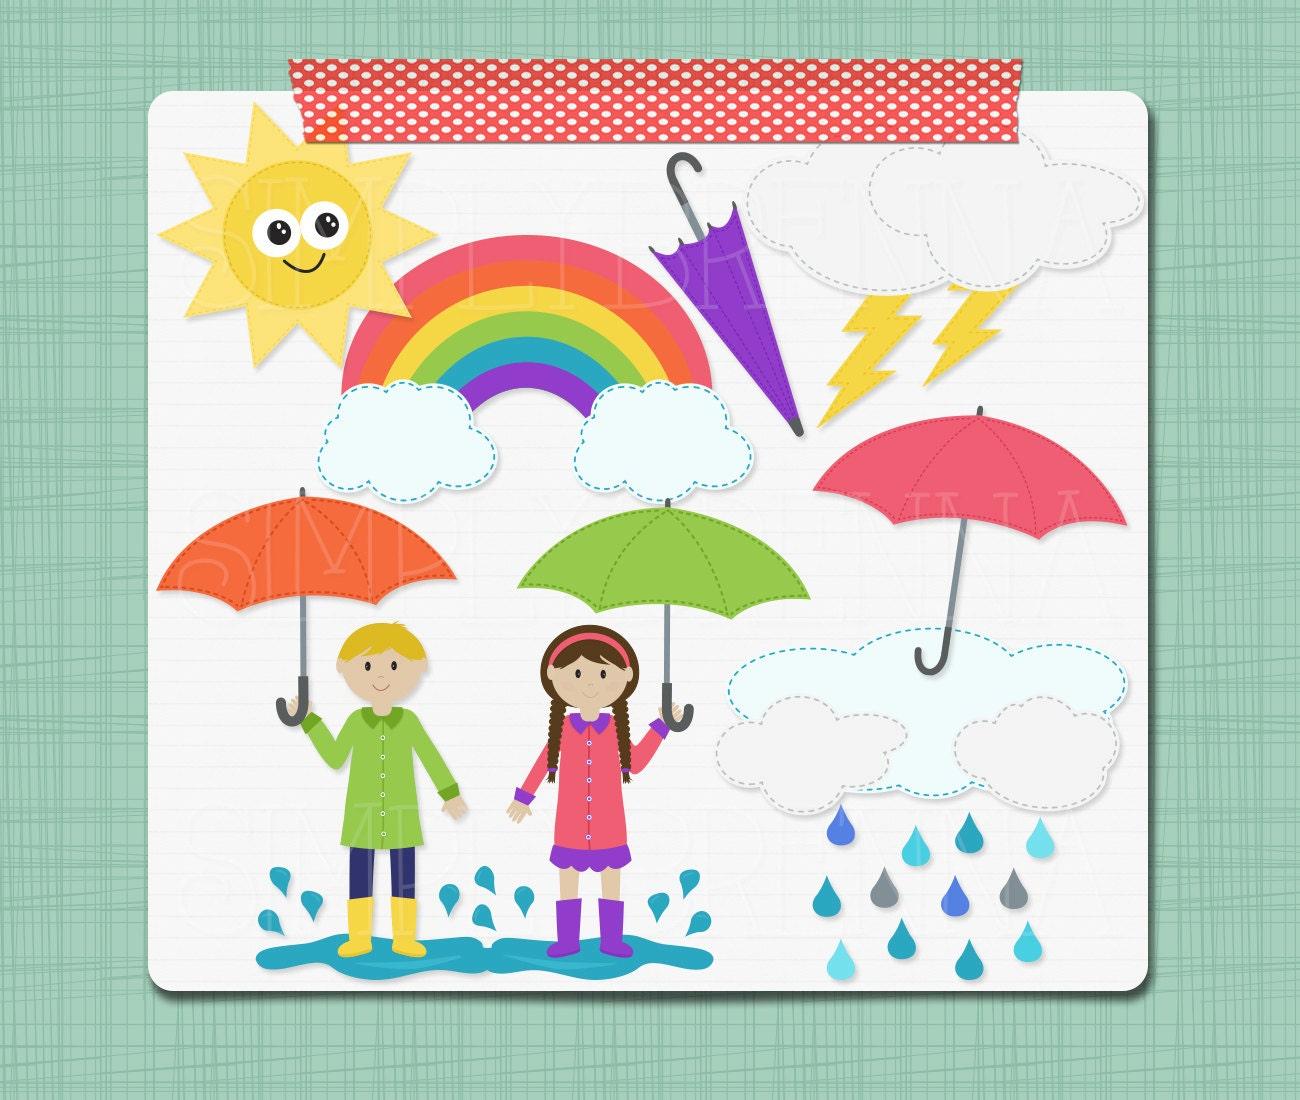 Rainy Day Clip Art: Rain Clipart Rainy Day Clip Art Digital Scrapbooking Elements